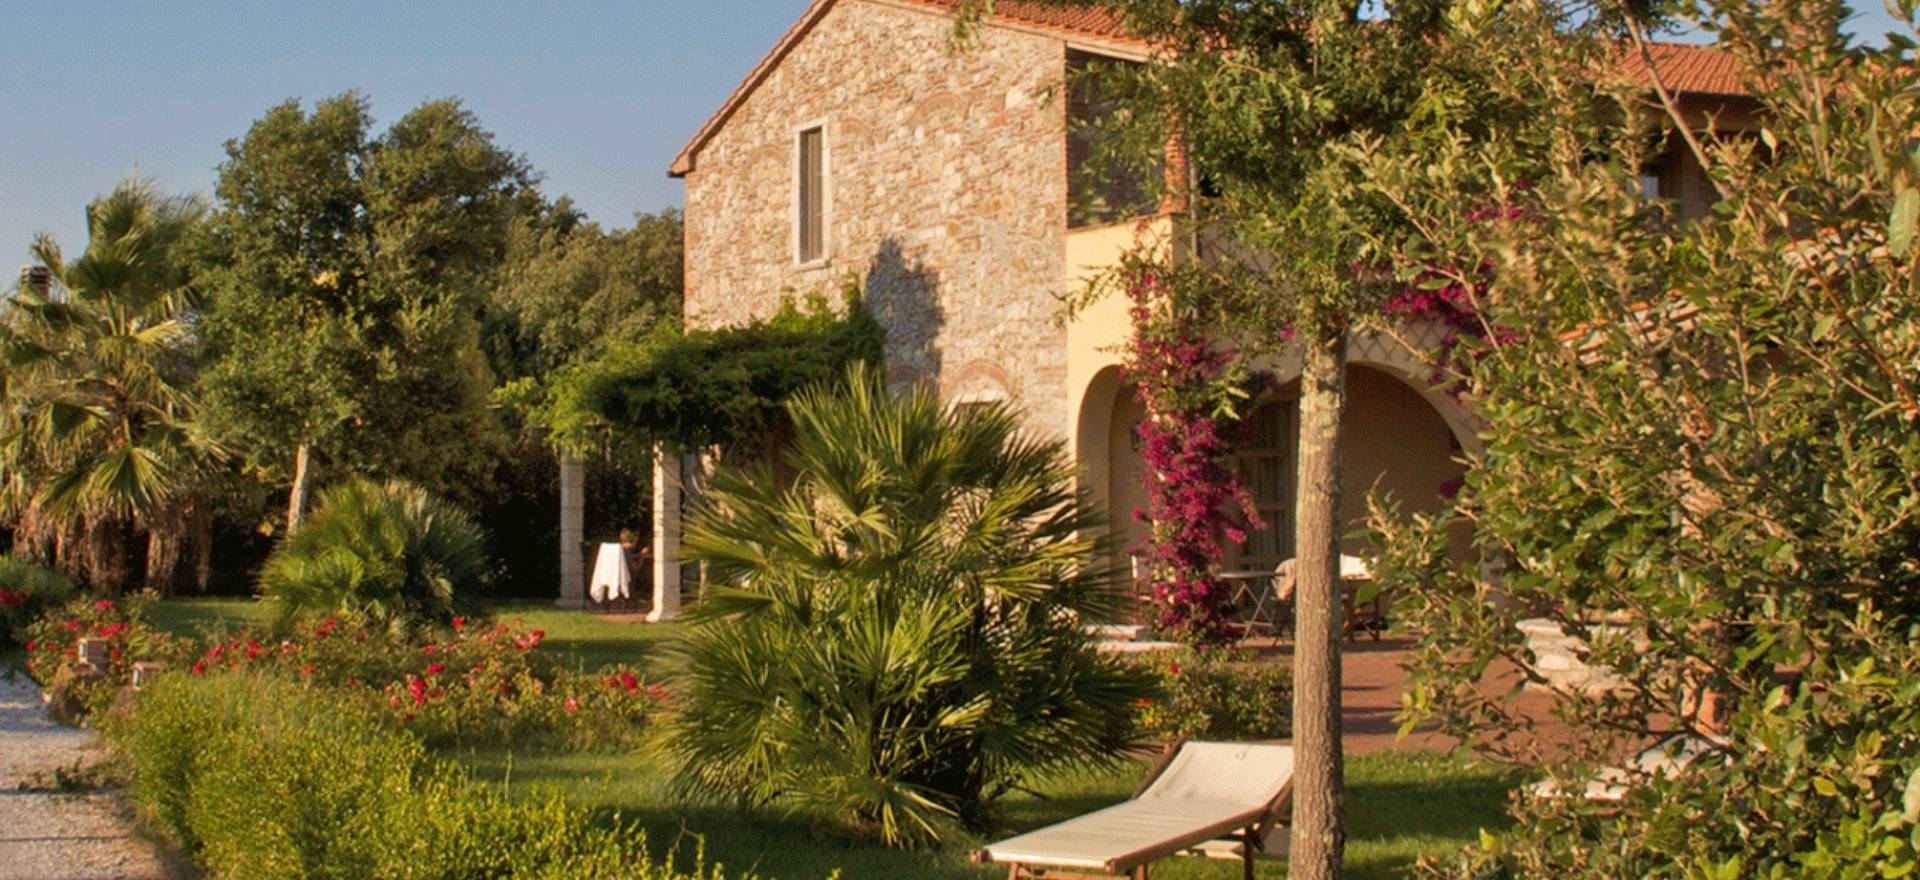 Agriturismo bij de Toscaanse kust met restaurant